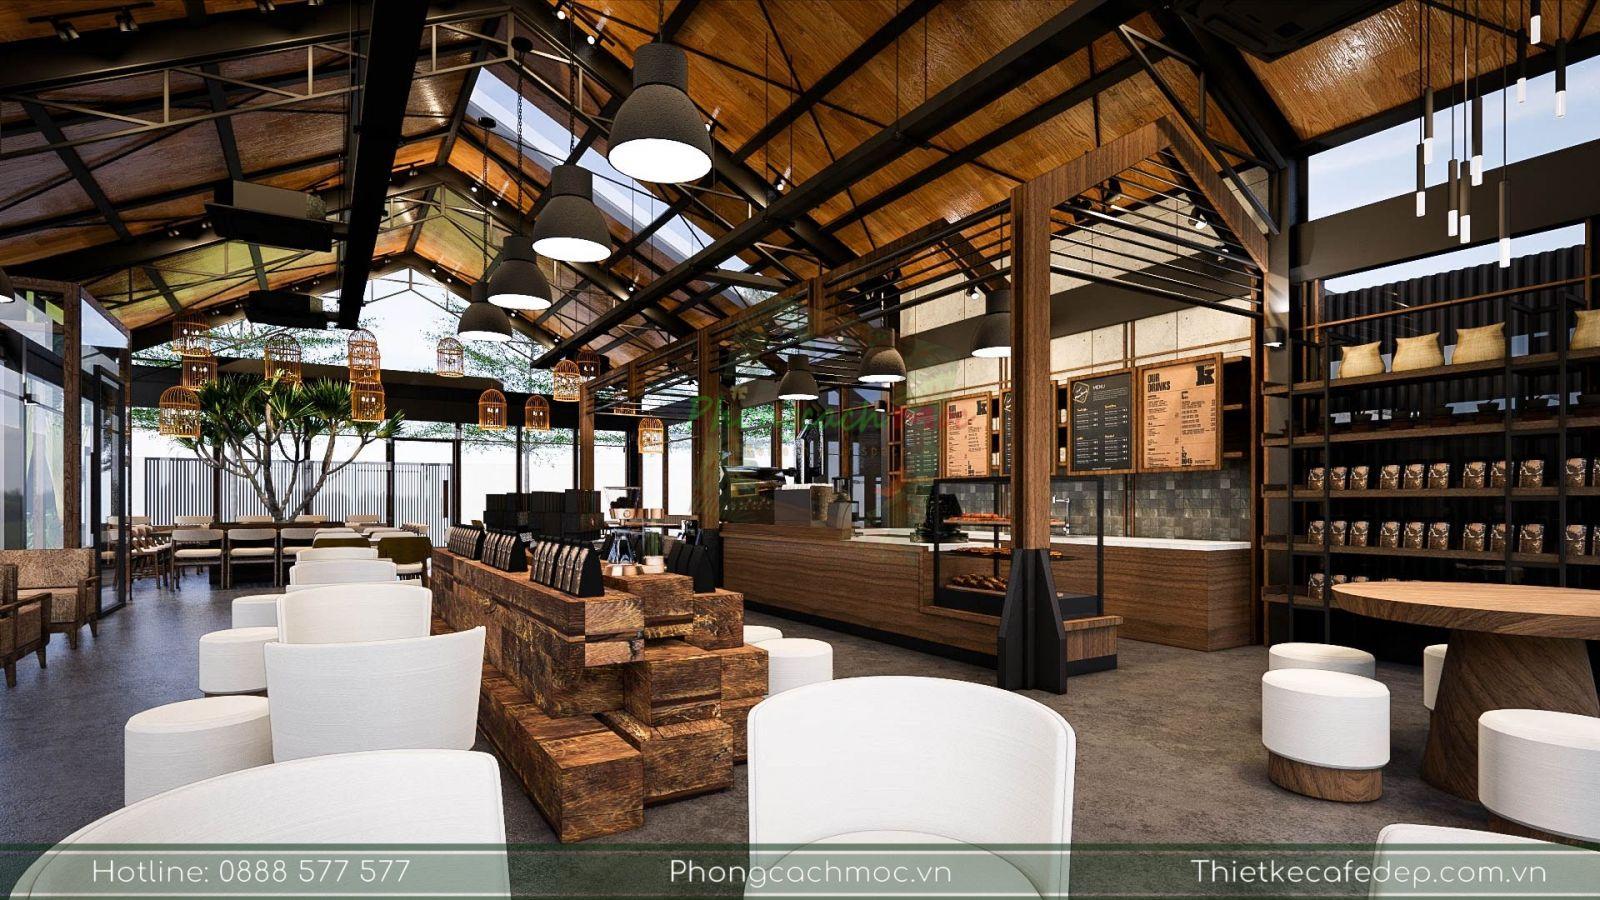 thiết kế nội thât quán cafe chủ đề industrial